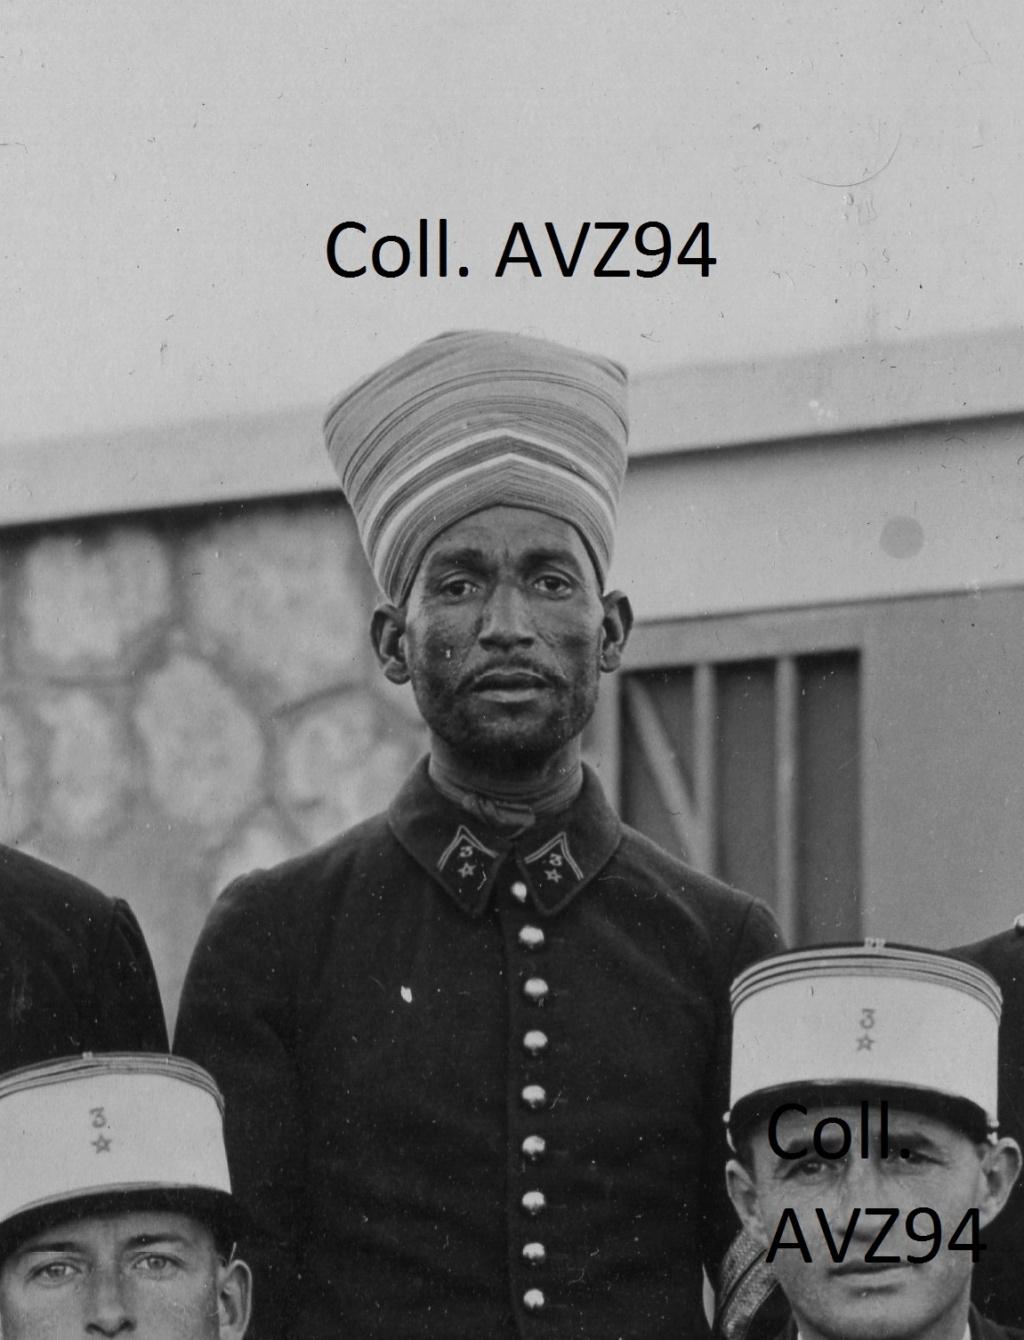 Les Spahis de 1935-40 au travers de l'iconographie - Page 4 2021-204